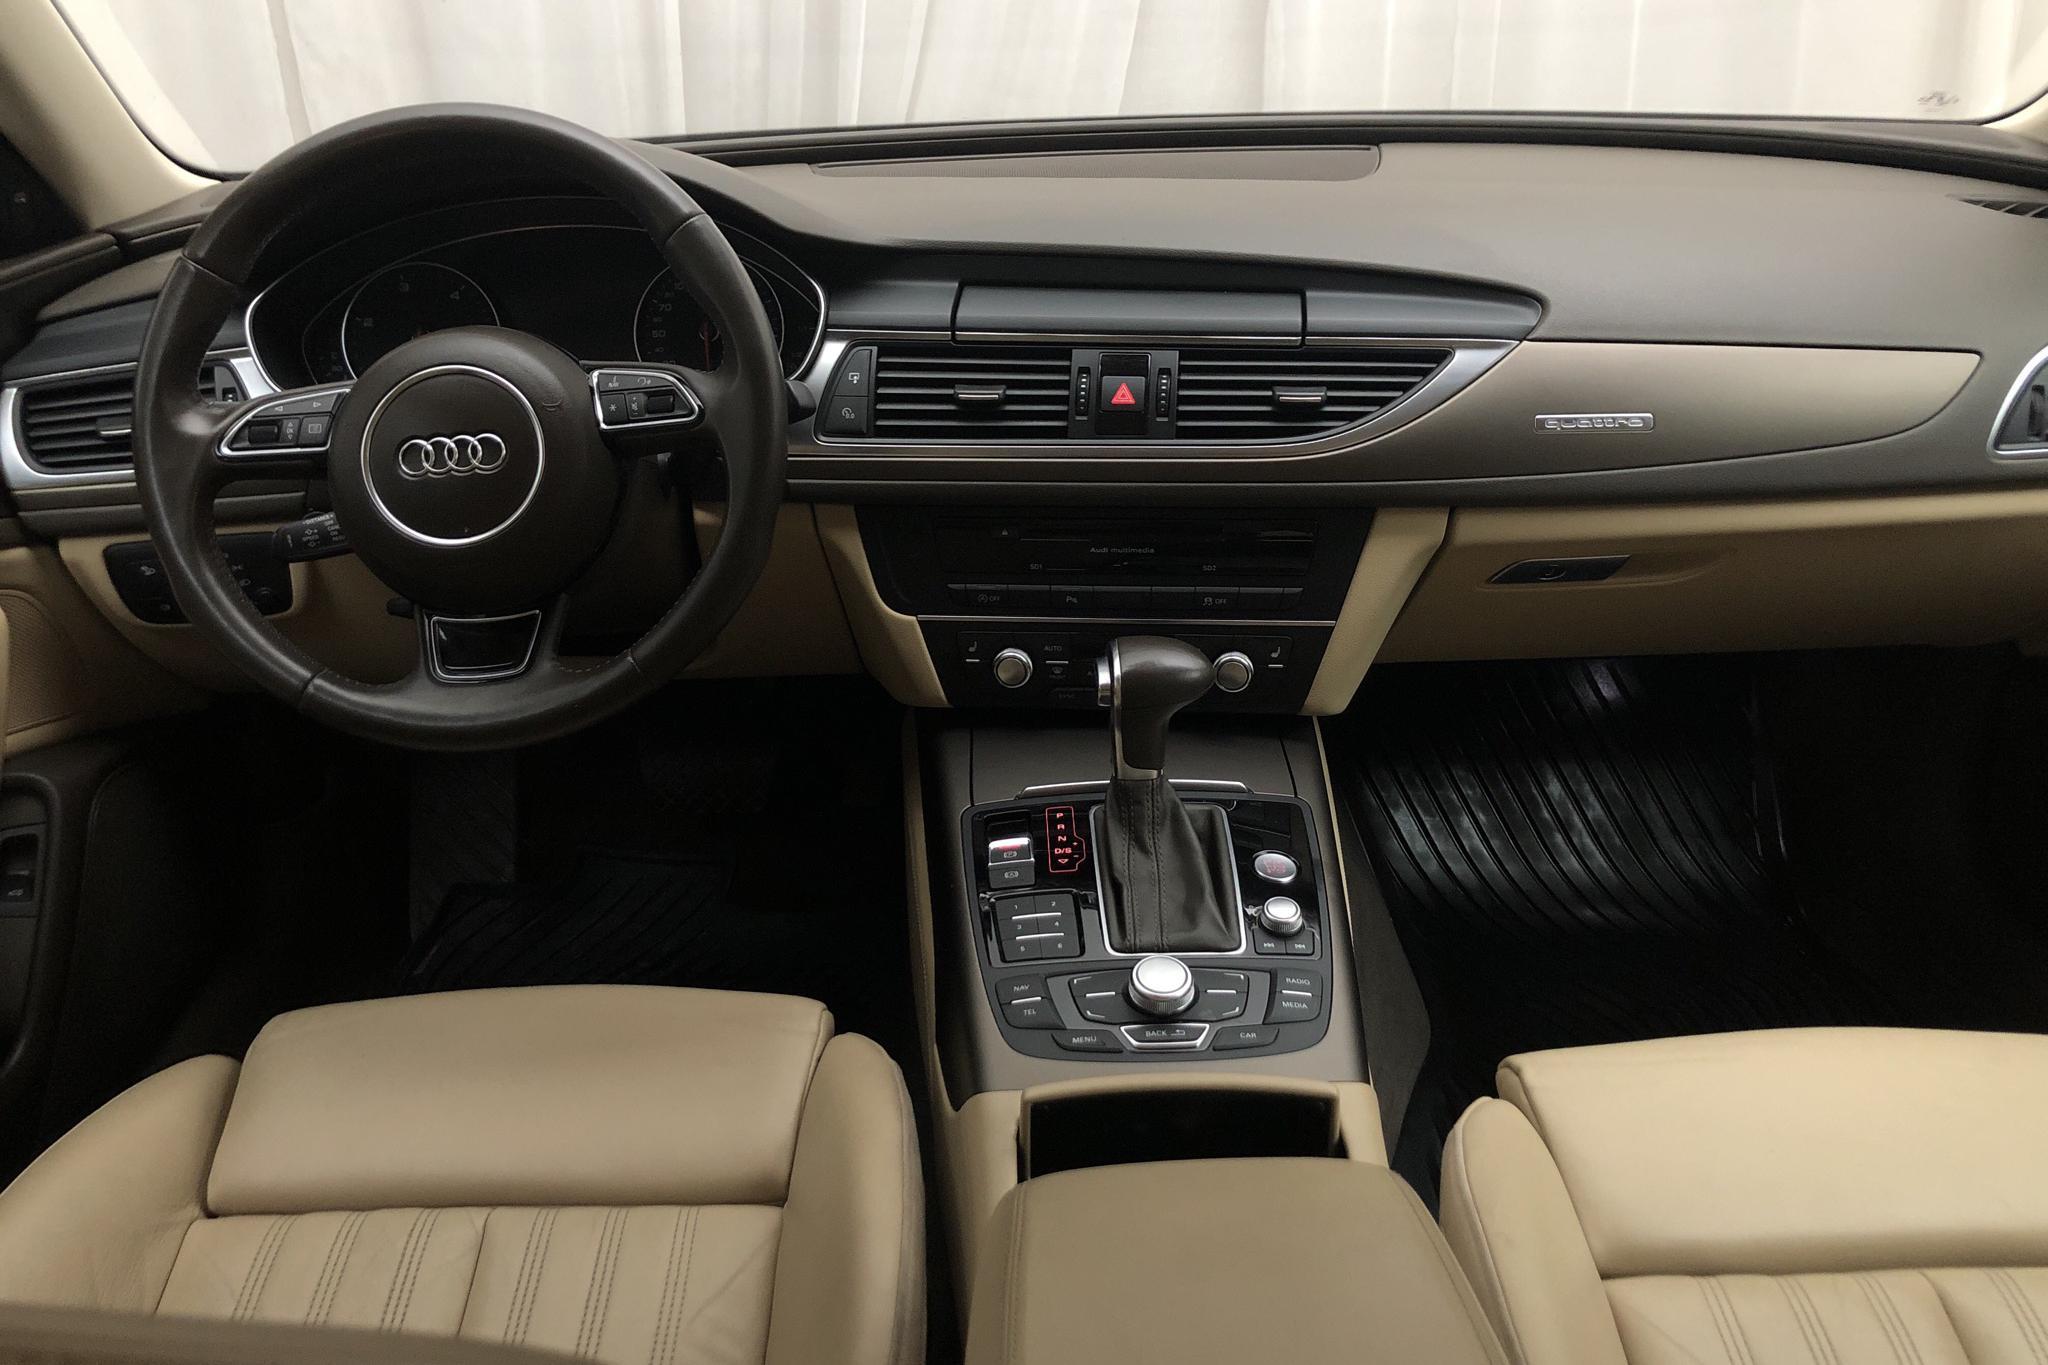 Audi A6 3.0 TDI quattro (204hk) - 117 980 km - Automatic - gray - 2014